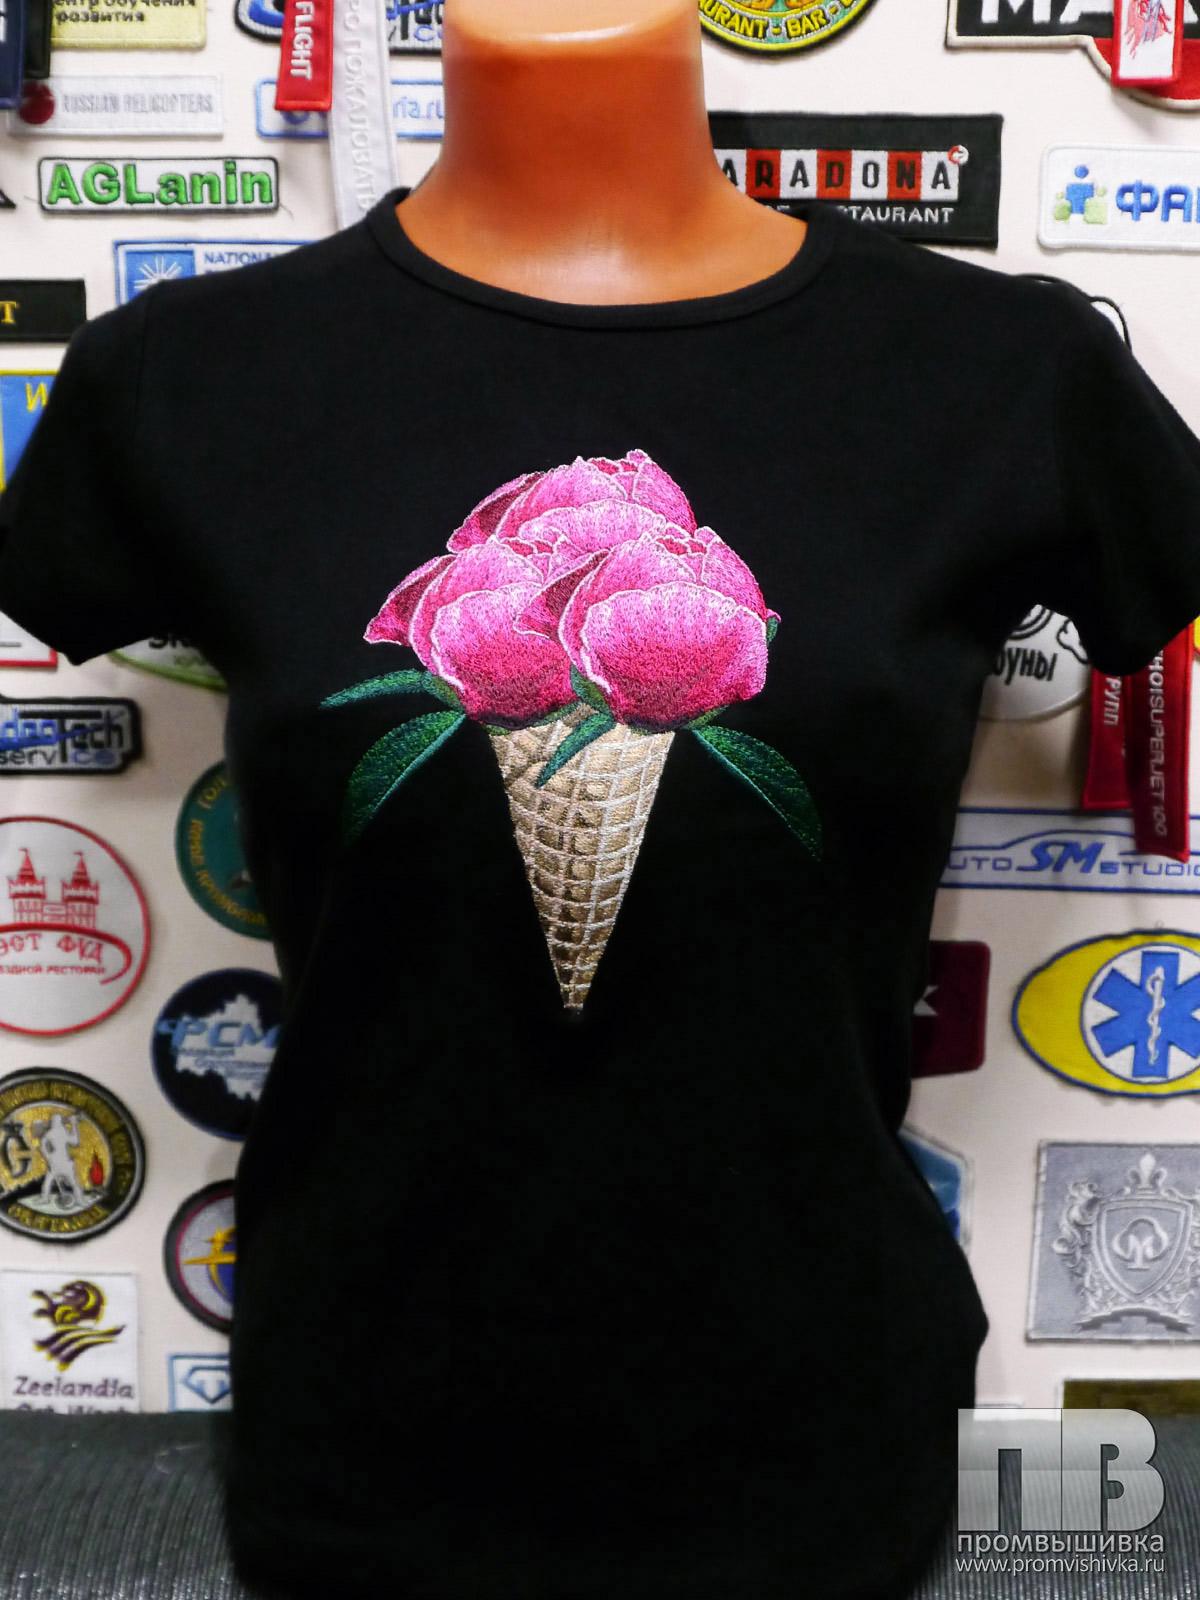 Заказать вышивку на футболку 5